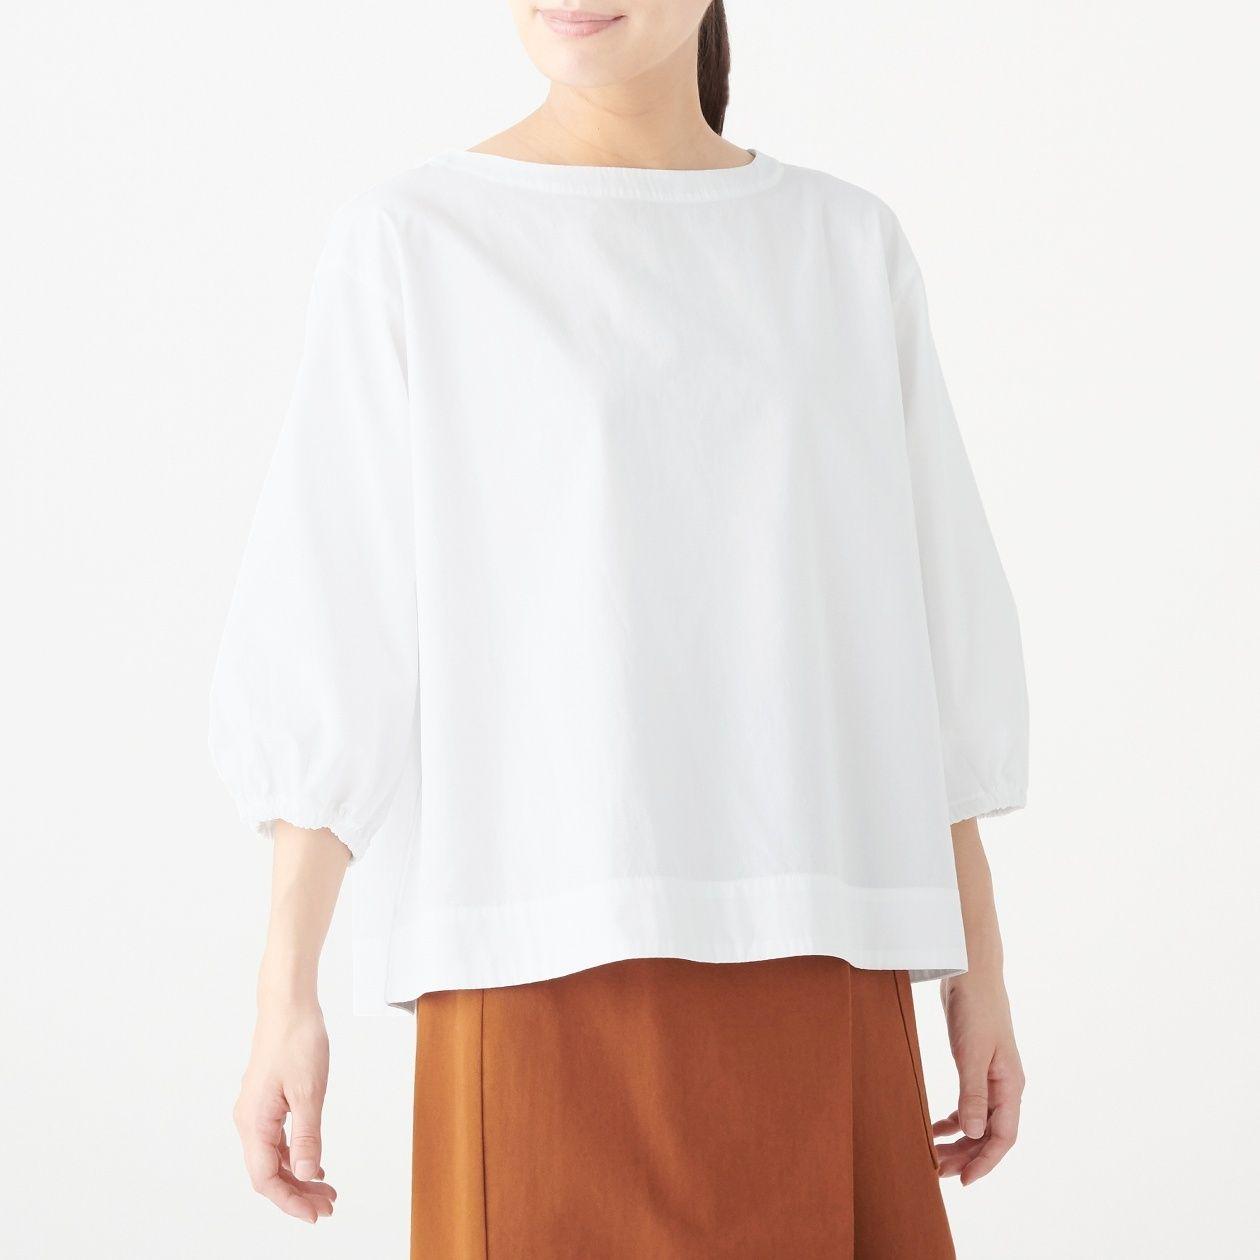 [무인양품] 면 100% 워싱 브로드 5부 블라우스 여성XS~S・흰색 MUJI 일본 공식스토어